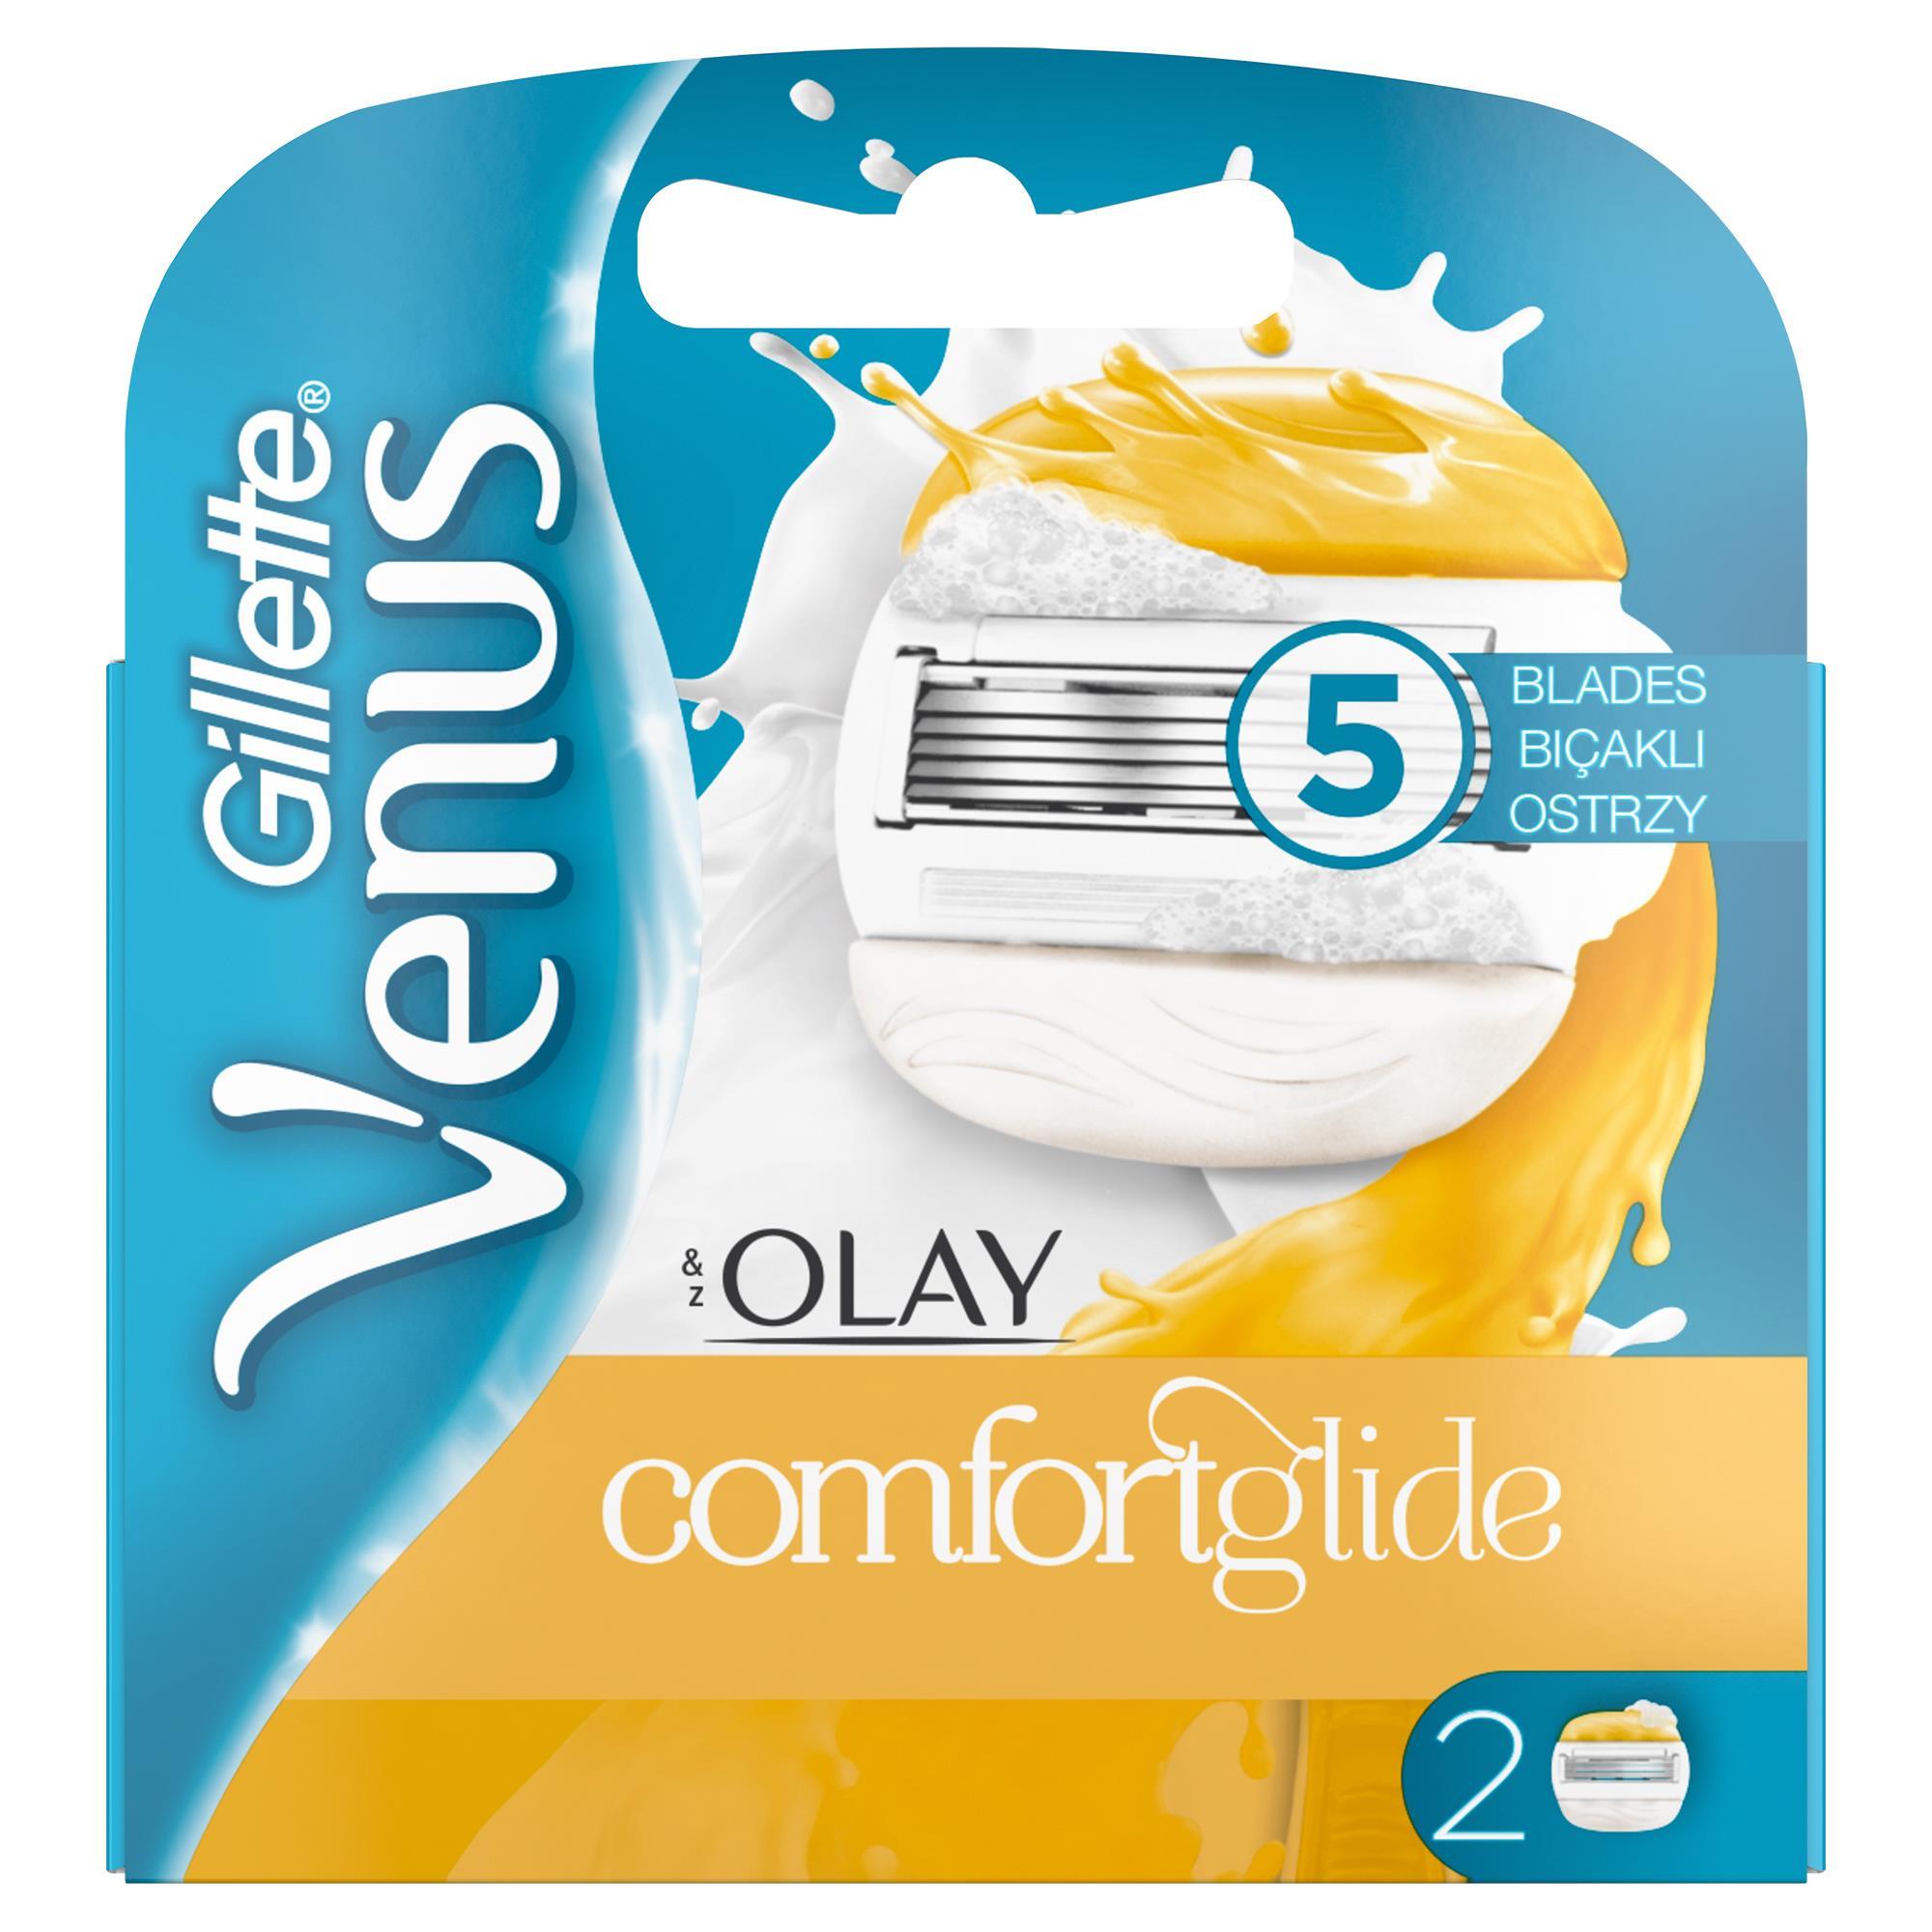 Gillette - Venus Comfort Glide Olay 2'li Yedek Başlık